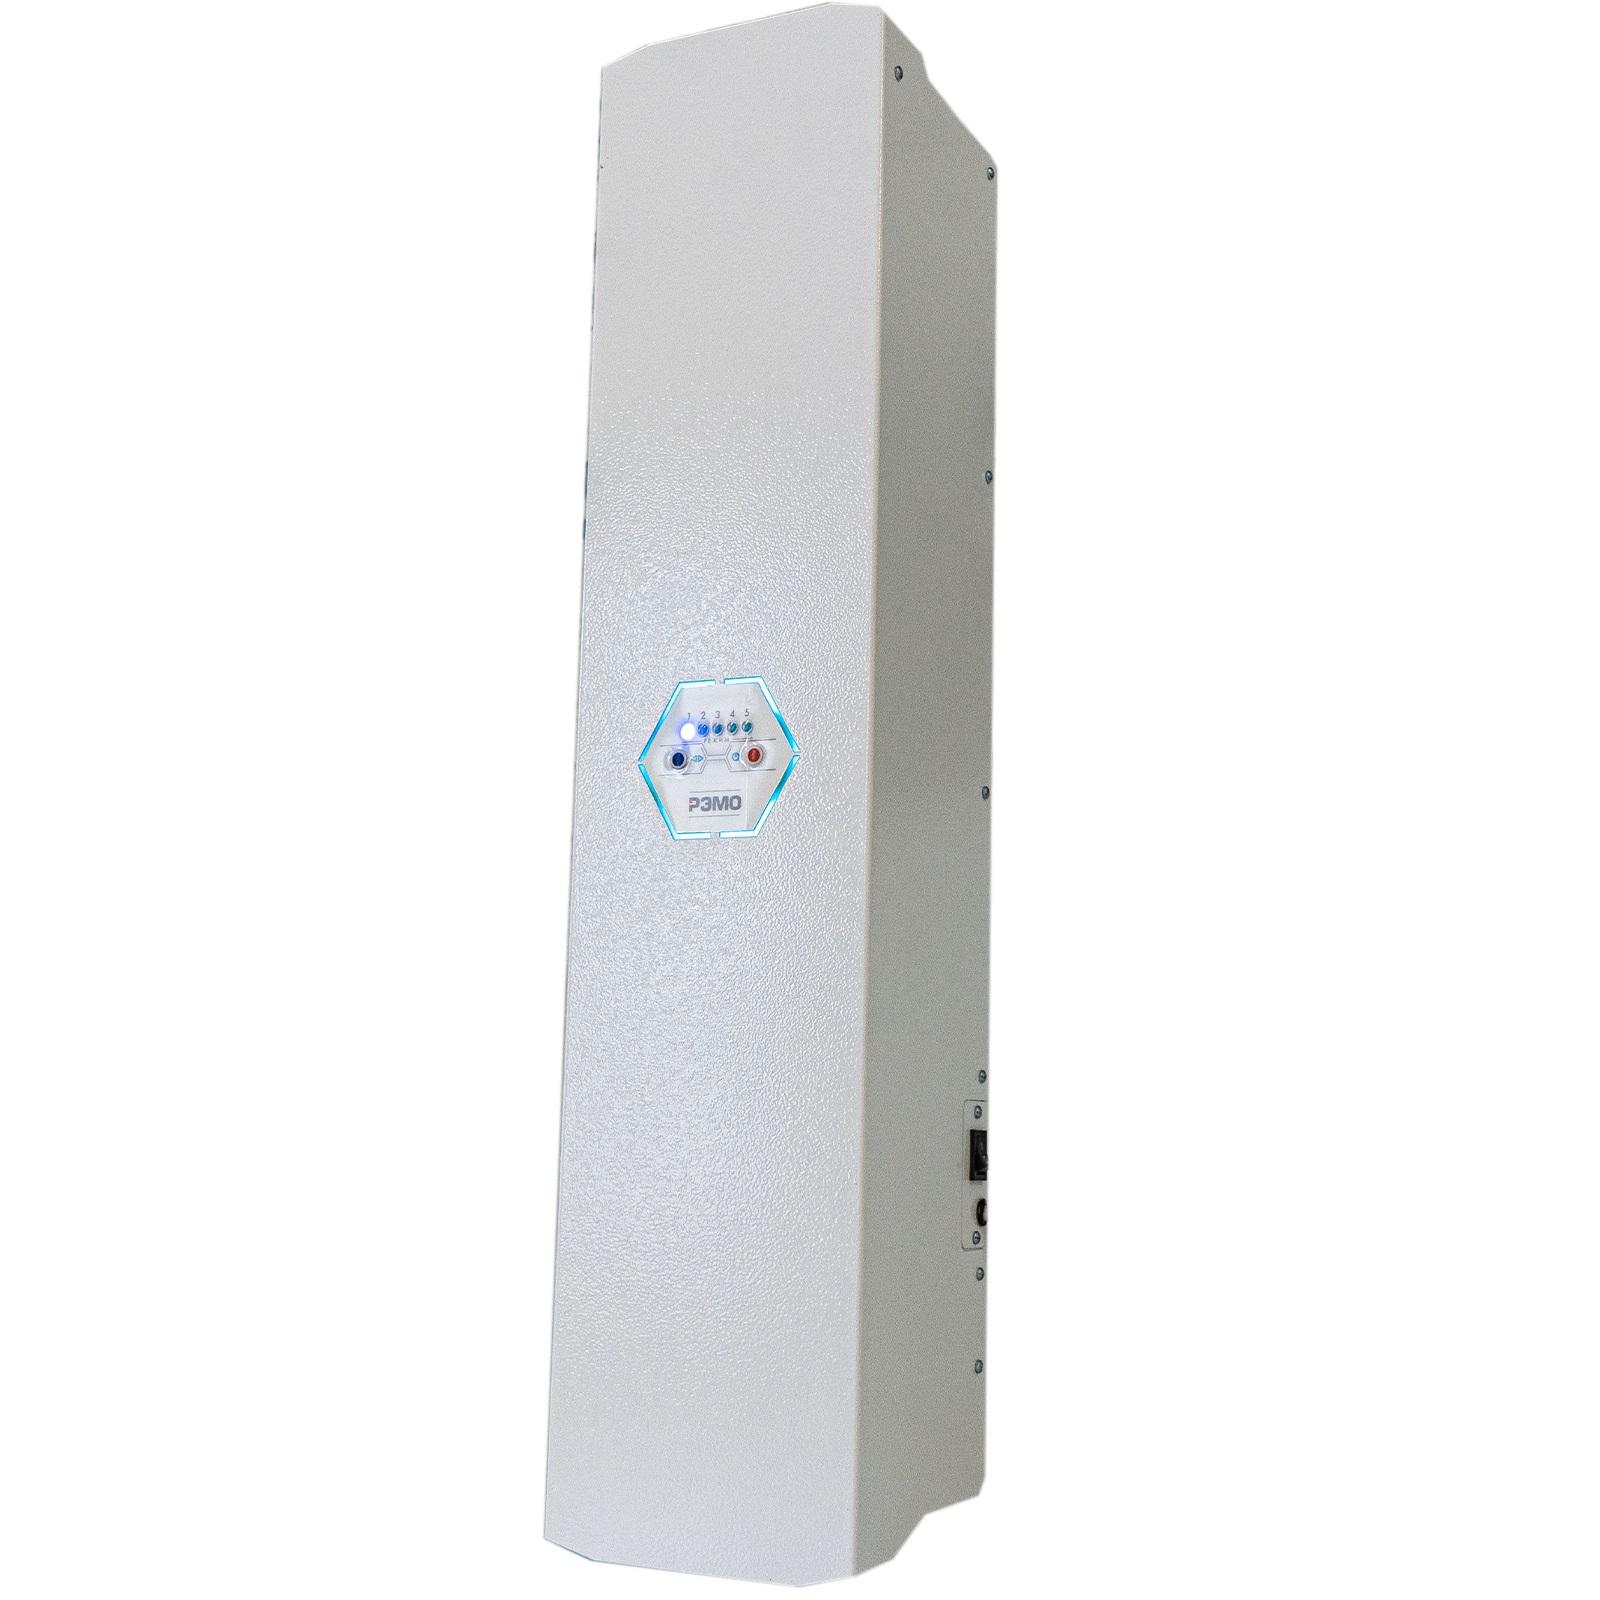 Купить ОВУ-03-SТ Солнечный бриз-3 , Рециркулятор воздуха ультрафиолетовый ОВУ-03-SТ Солнечный бриз-3, РЭМО